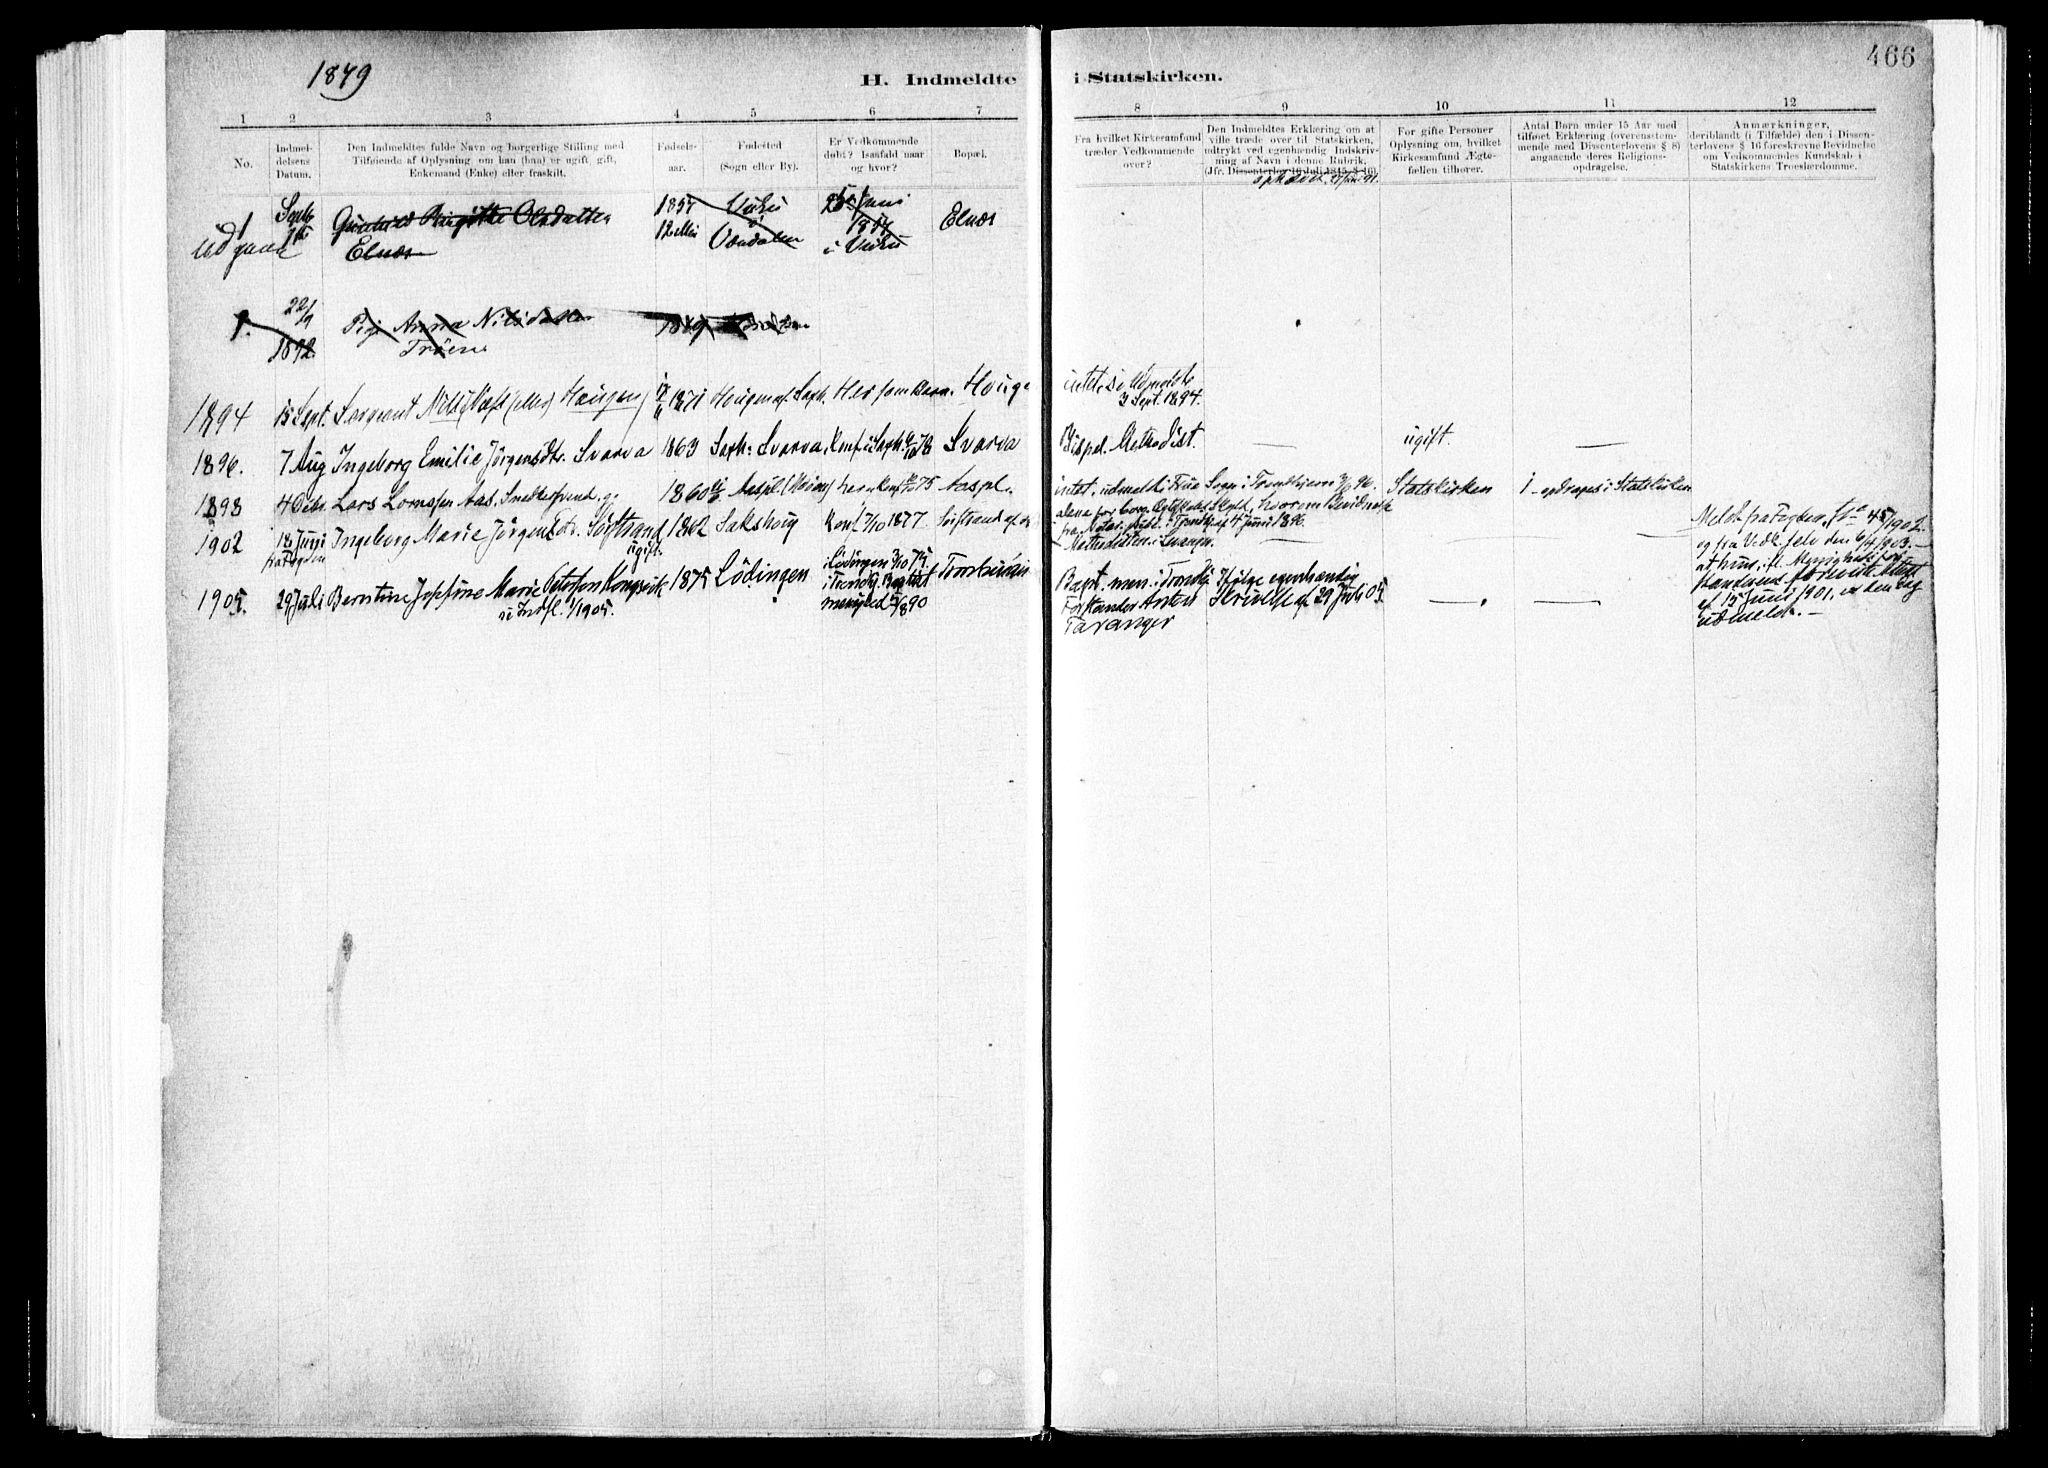 SAT, Ministerialprotokoller, klokkerbøker og fødselsregistre - Nord-Trøndelag, 730/L0285: Ministerialbok nr. 730A10, 1879-1914, s. 466